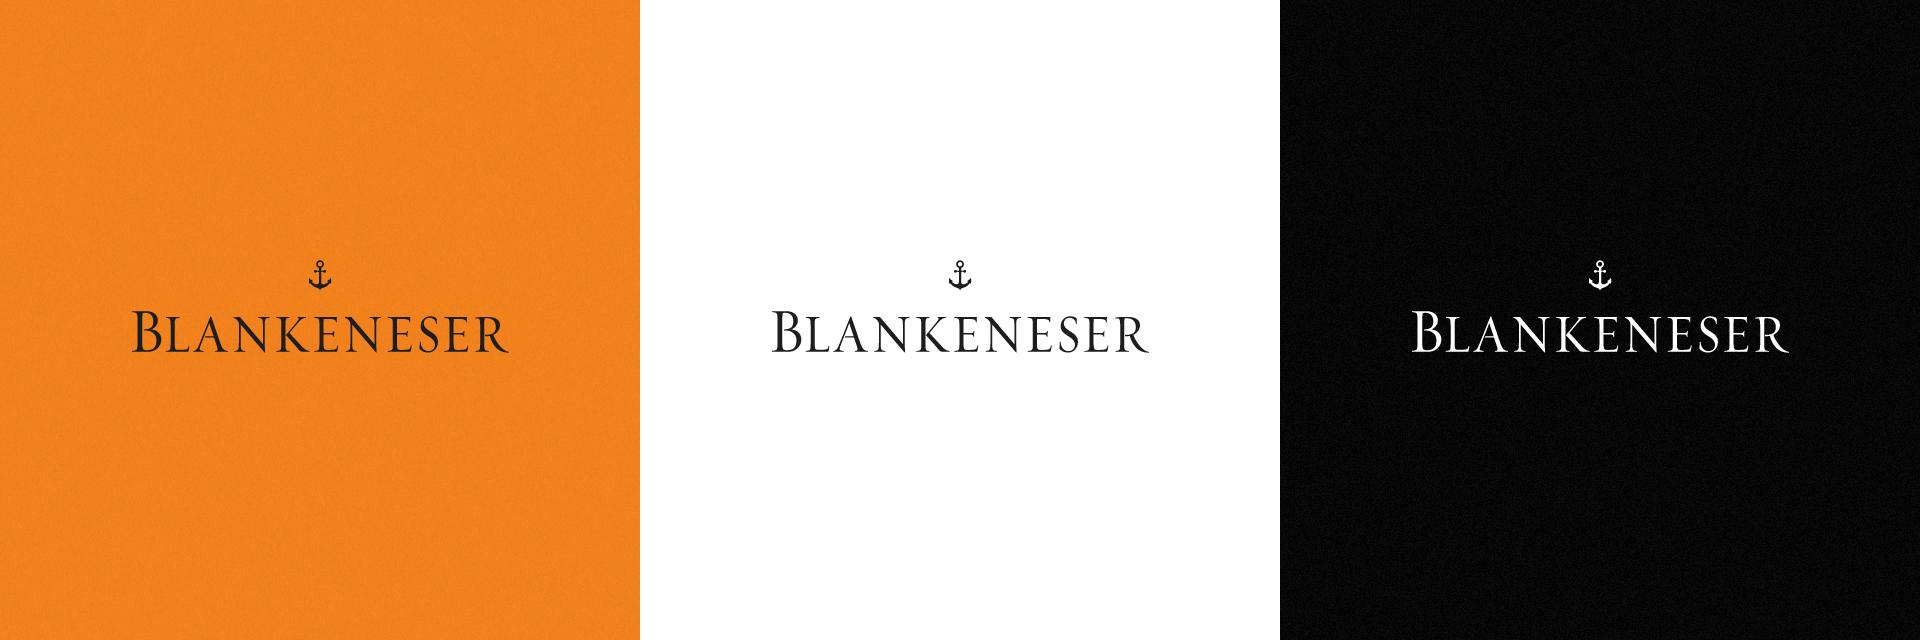 BLANKENESER Wortmarke Farbvarianten